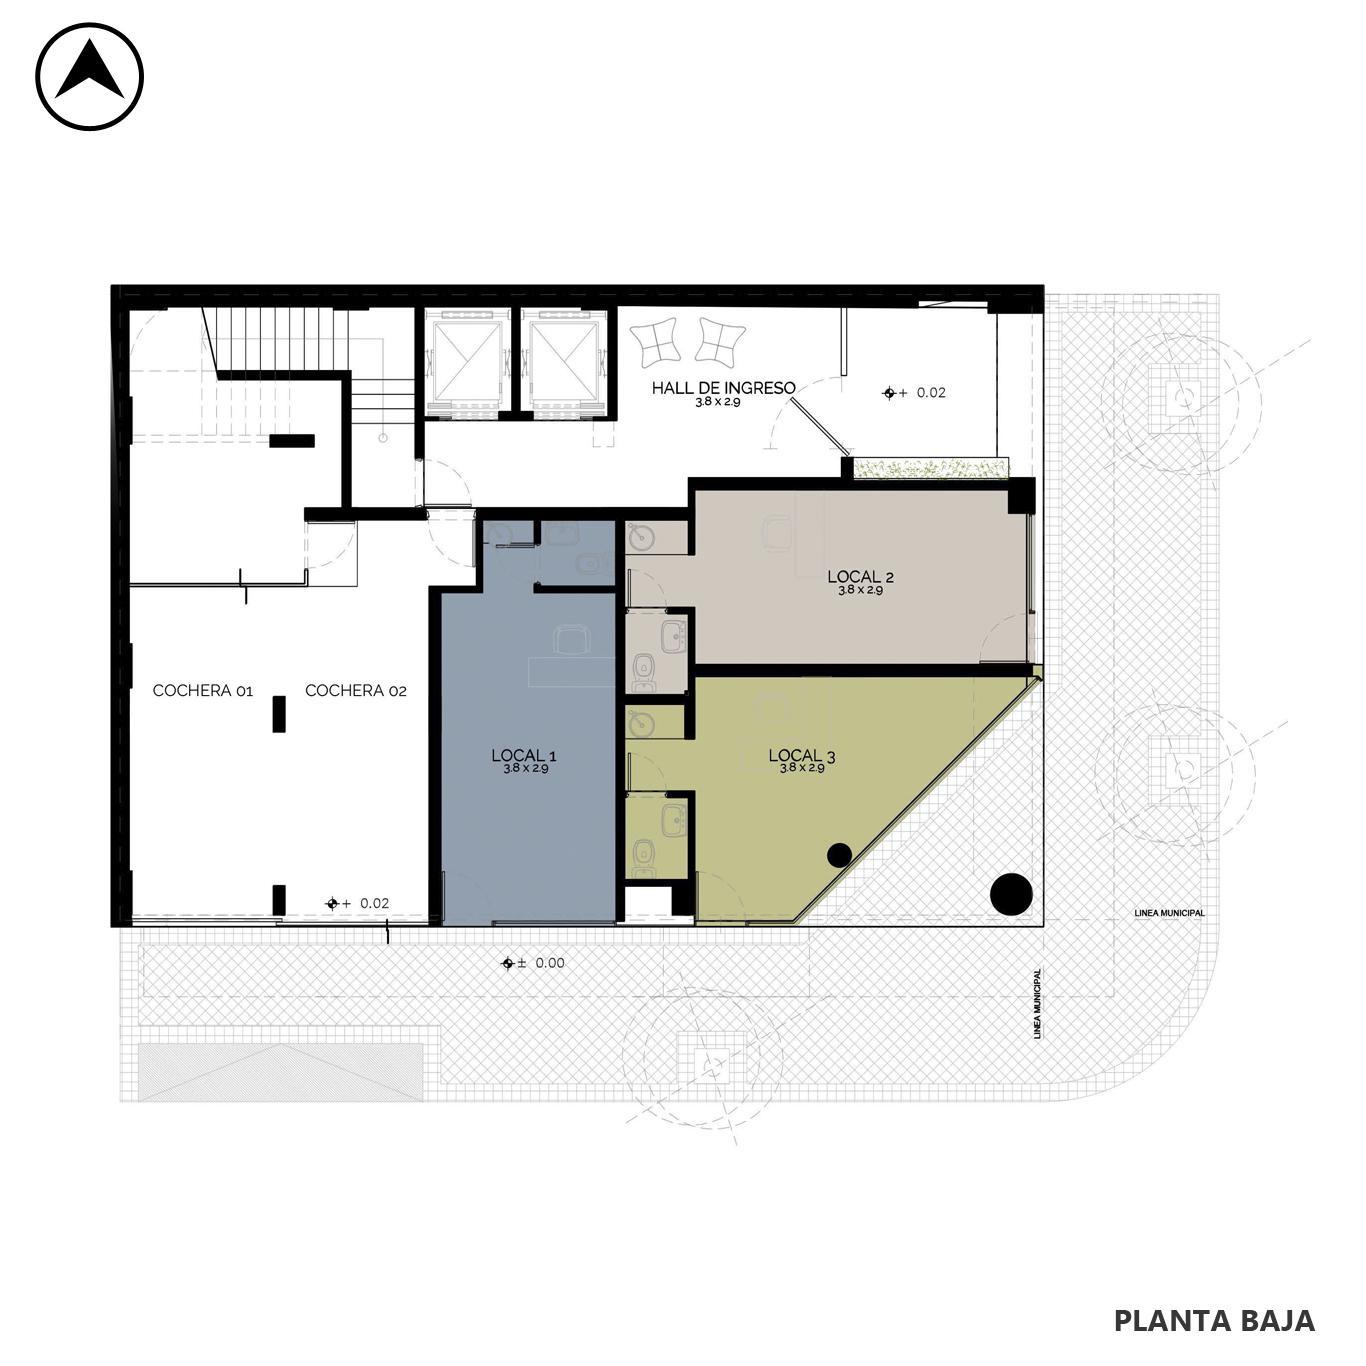 Venta departamento 1 dormitorio Rosario, República De La Sexta. Cod CBU24834 AP2313928. Crestale Propiedades